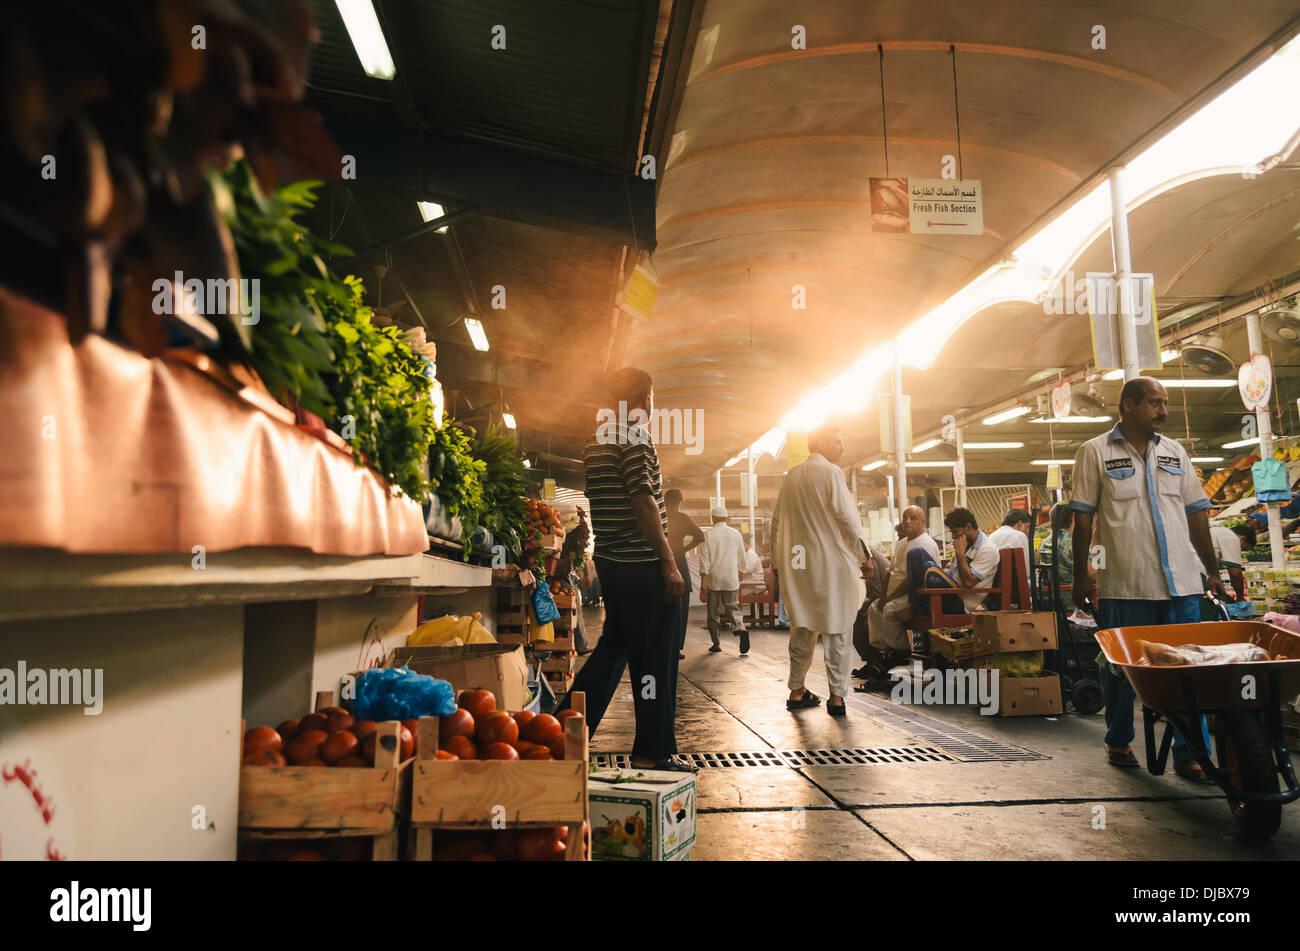 Les hommes arabes marcher le long d'un des couloirs du Deira au marché de fruits et légumes pendant le lever du soleil. Dubaï, Émirats arabes unis. Photo Stock